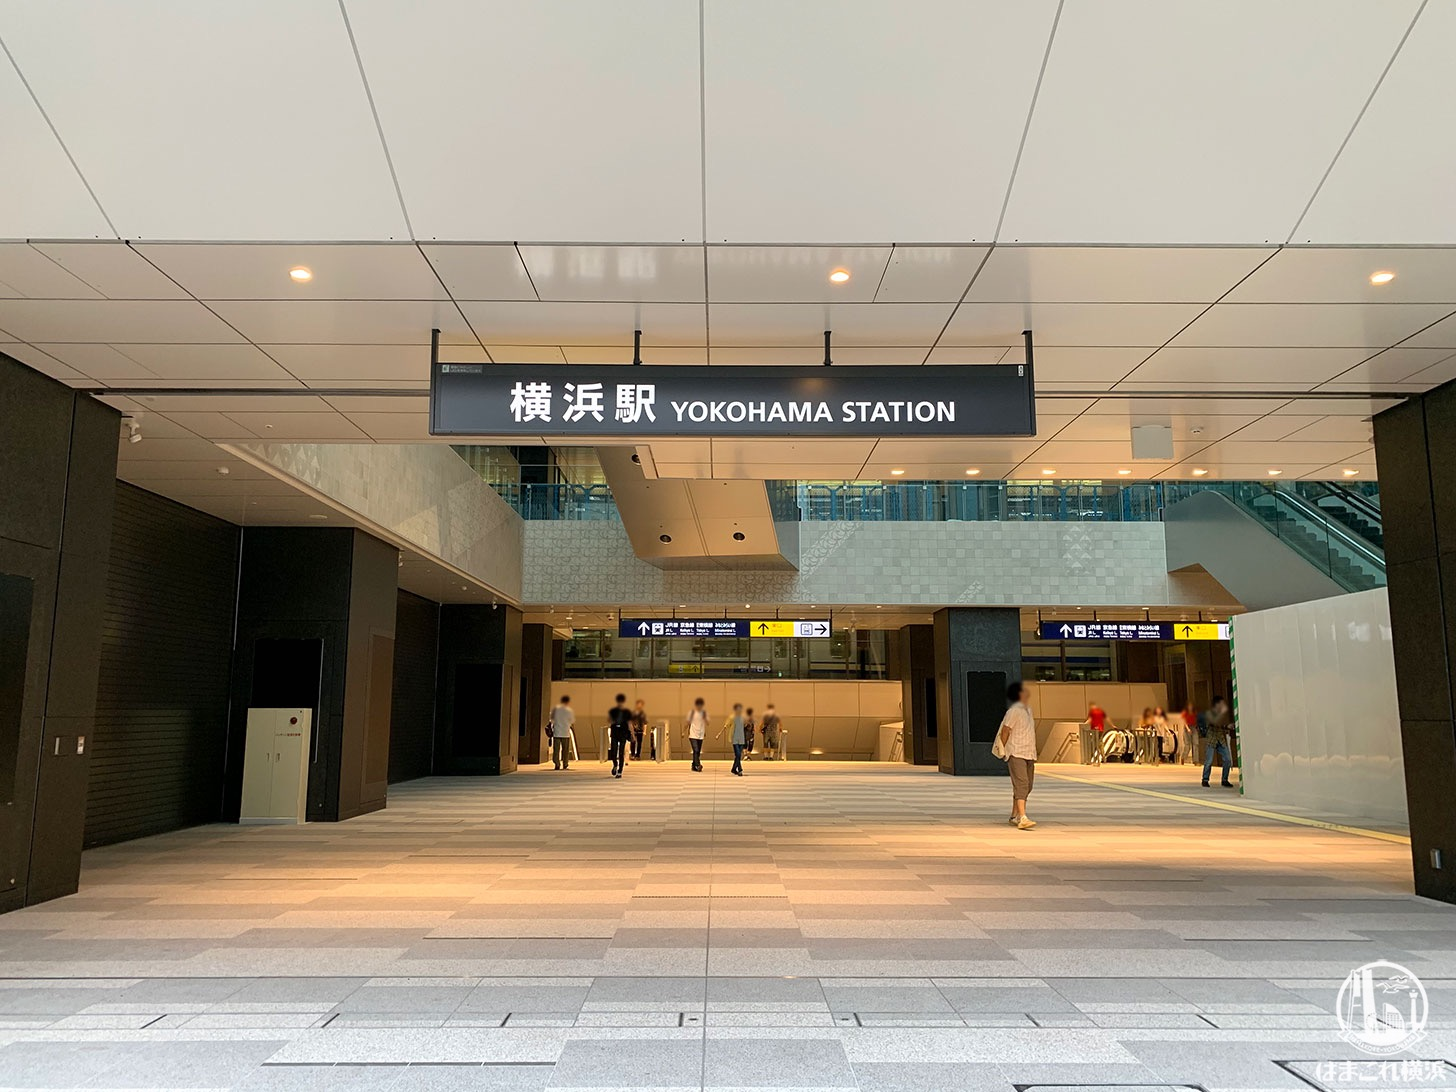 横浜駅西口 吹き抜け「アトリウム」西口駅前広場から見たアトリウム